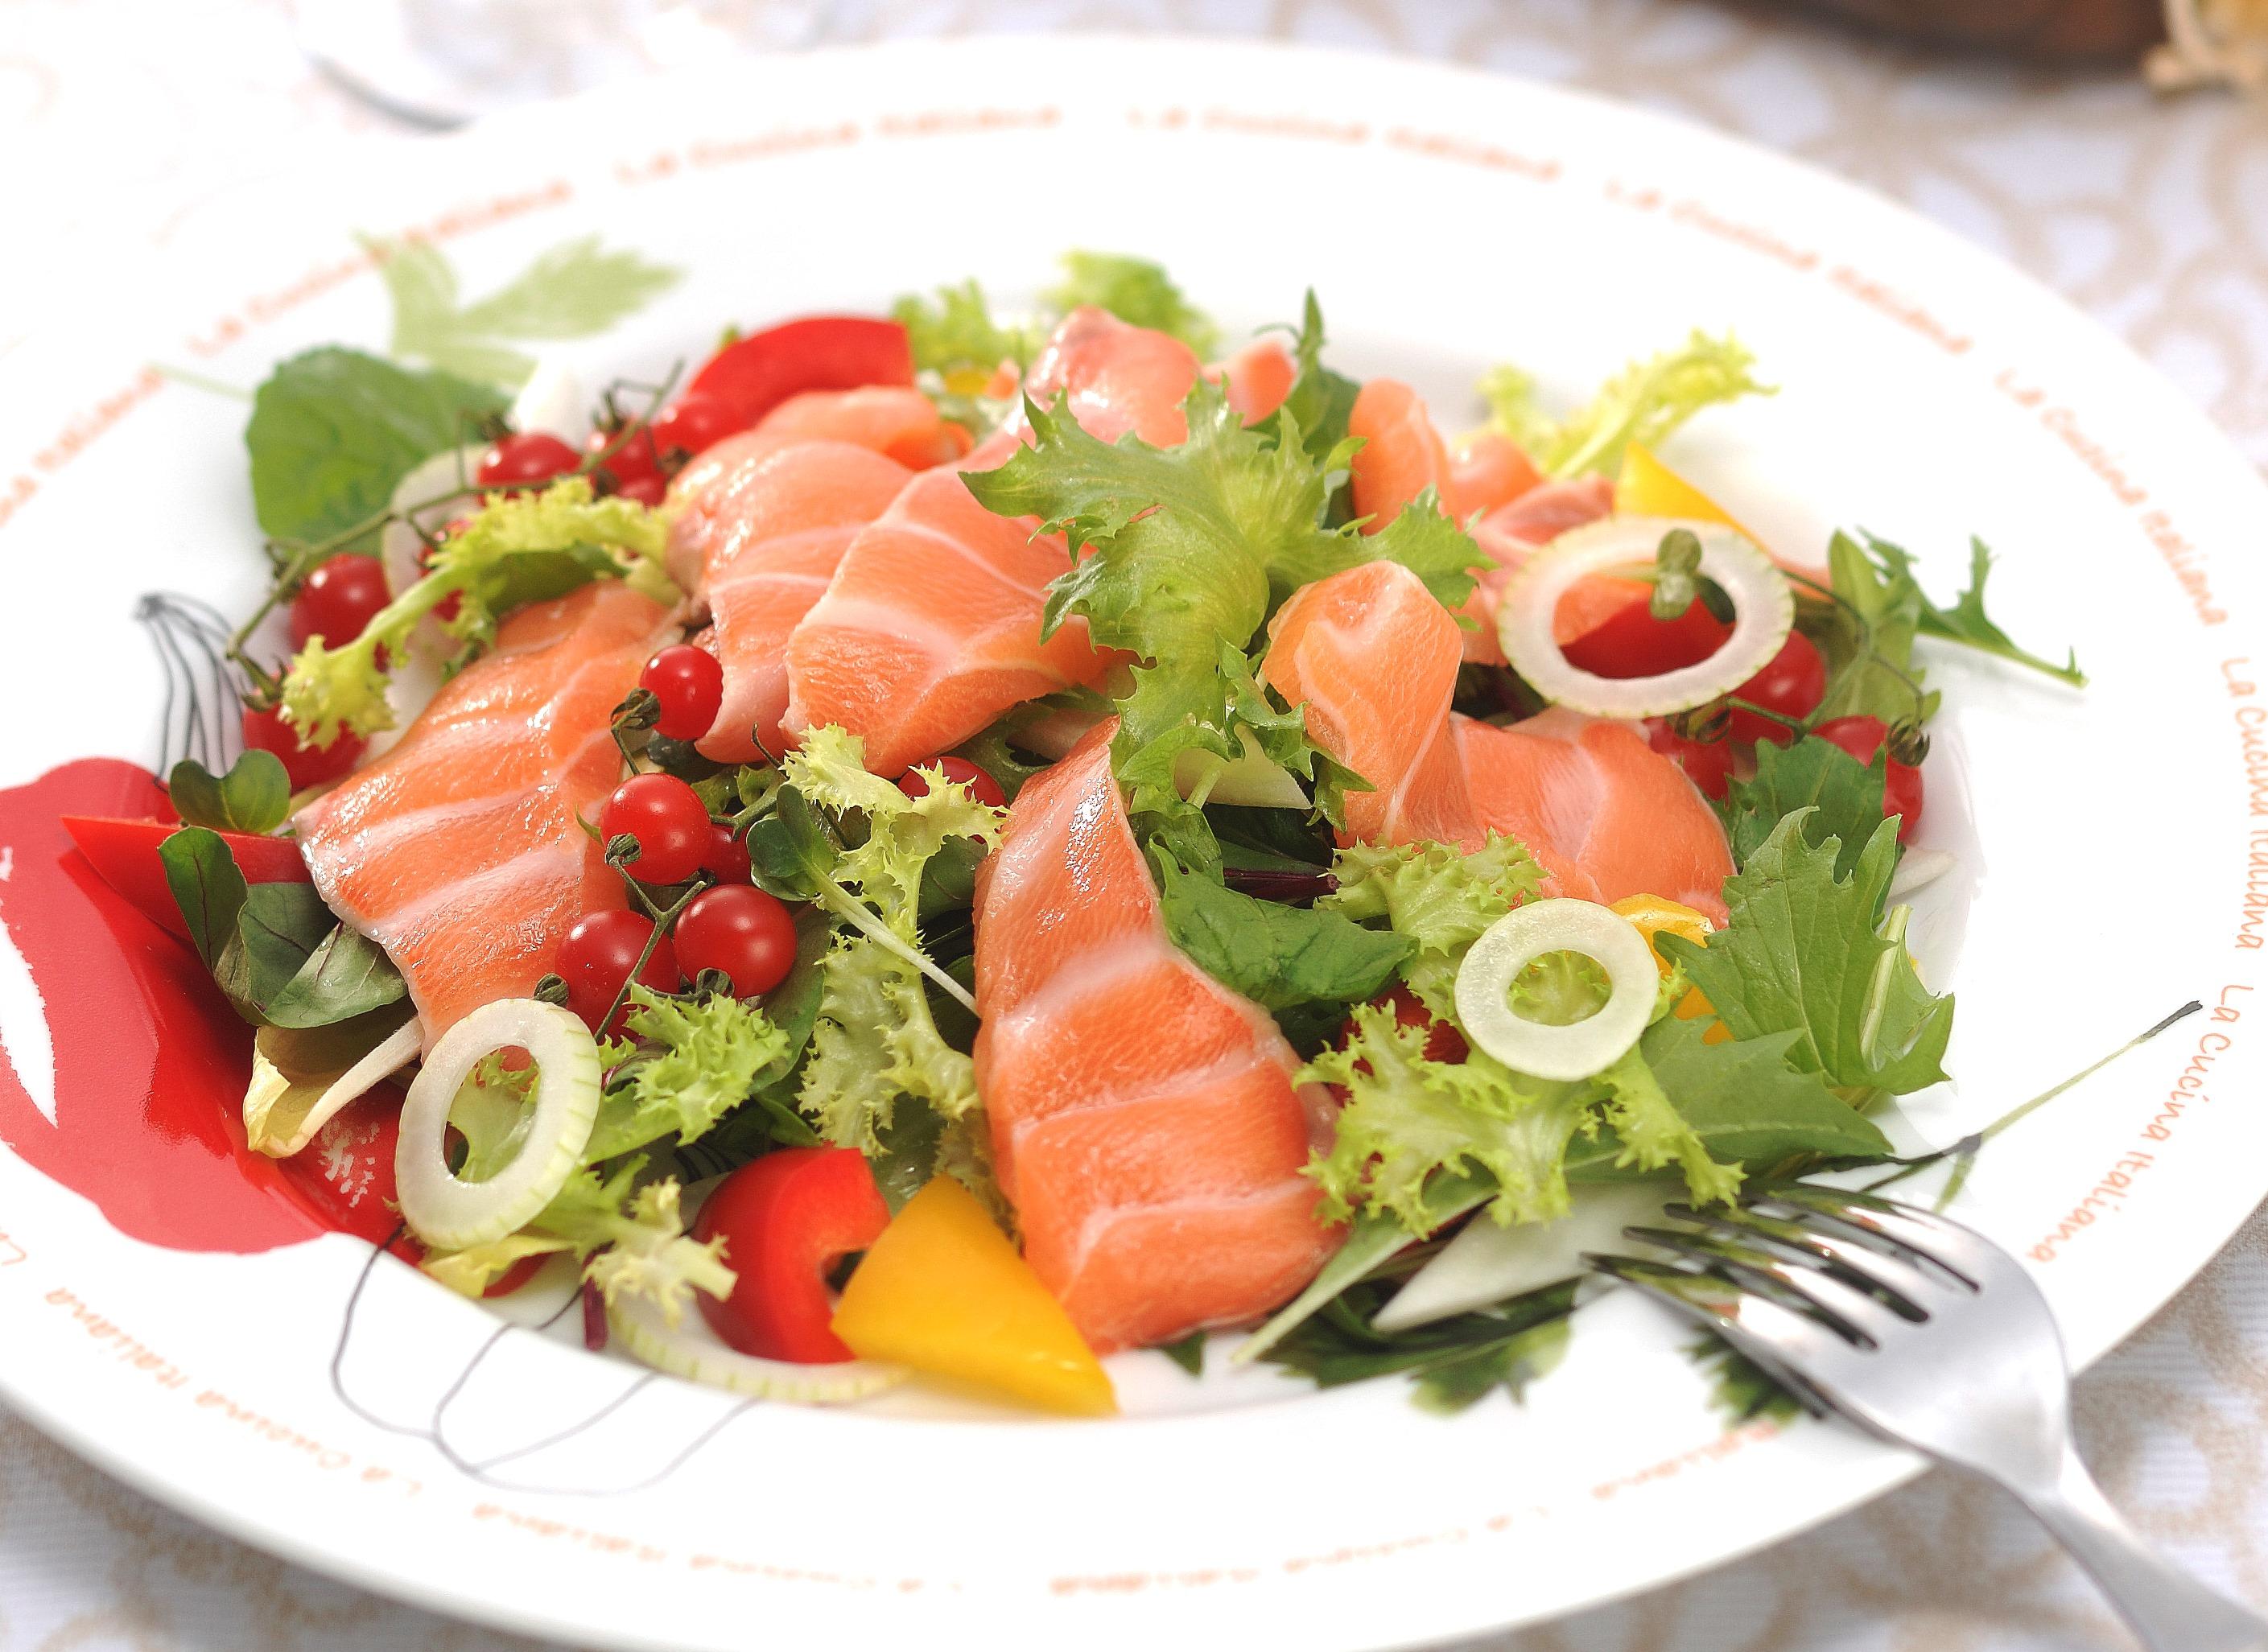 新鮮な野菜をさらに美味しく食べよう。サーモンを使ったサラダたち。のサムネイル画像